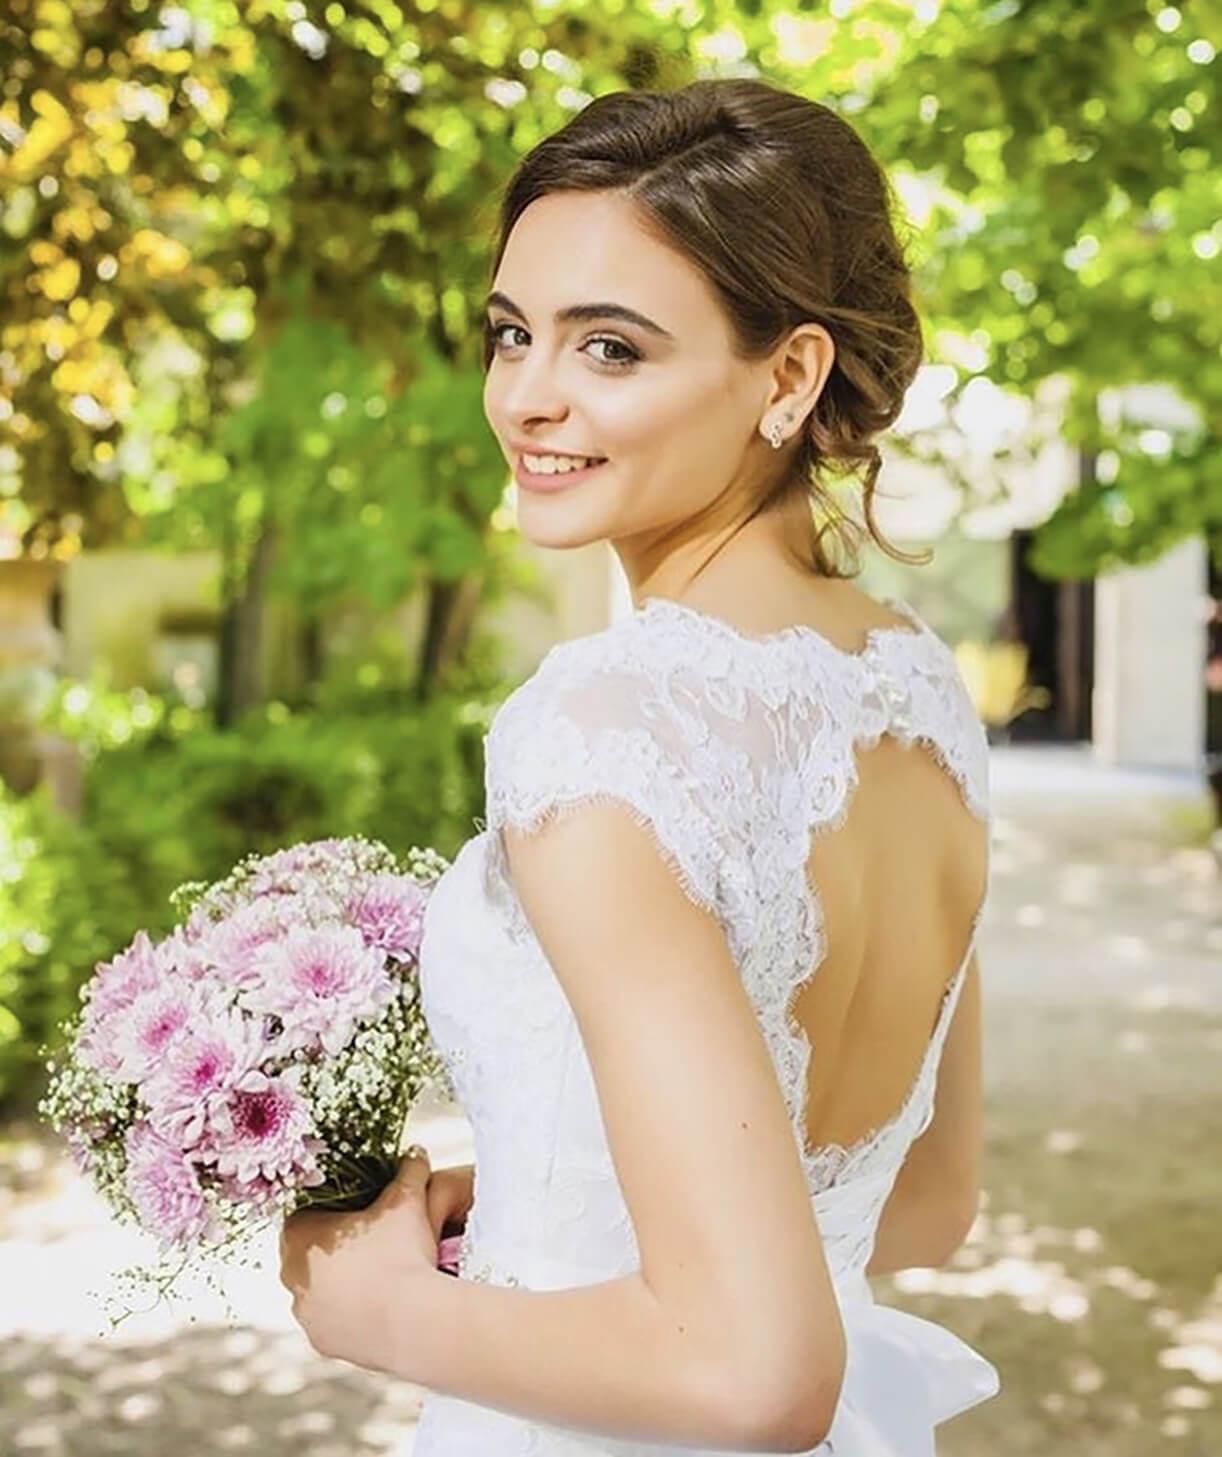 Девушка в свадебном образе с макияжем и букетом в парке